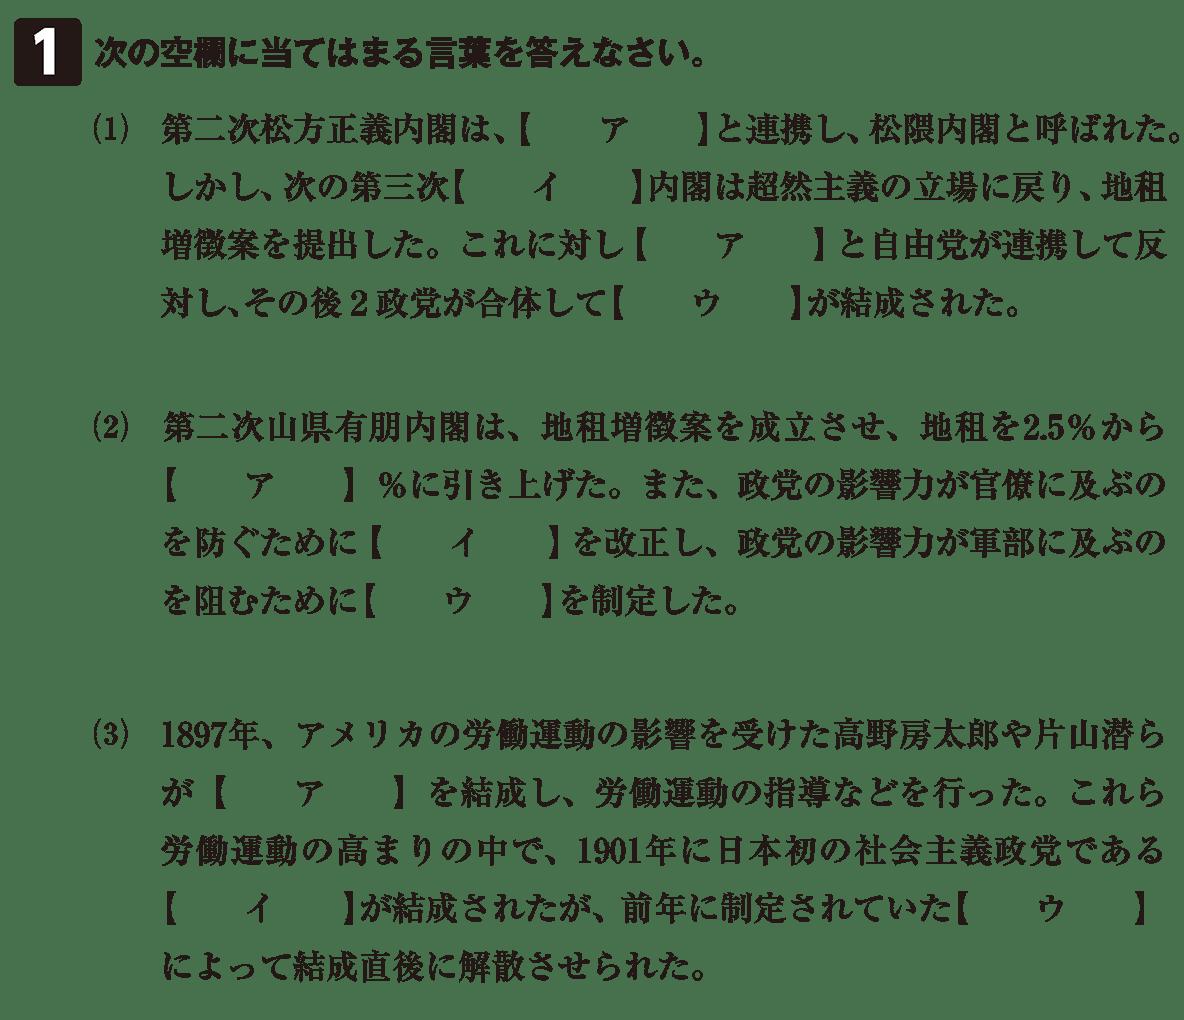 近代39 問題1 カッコ空欄